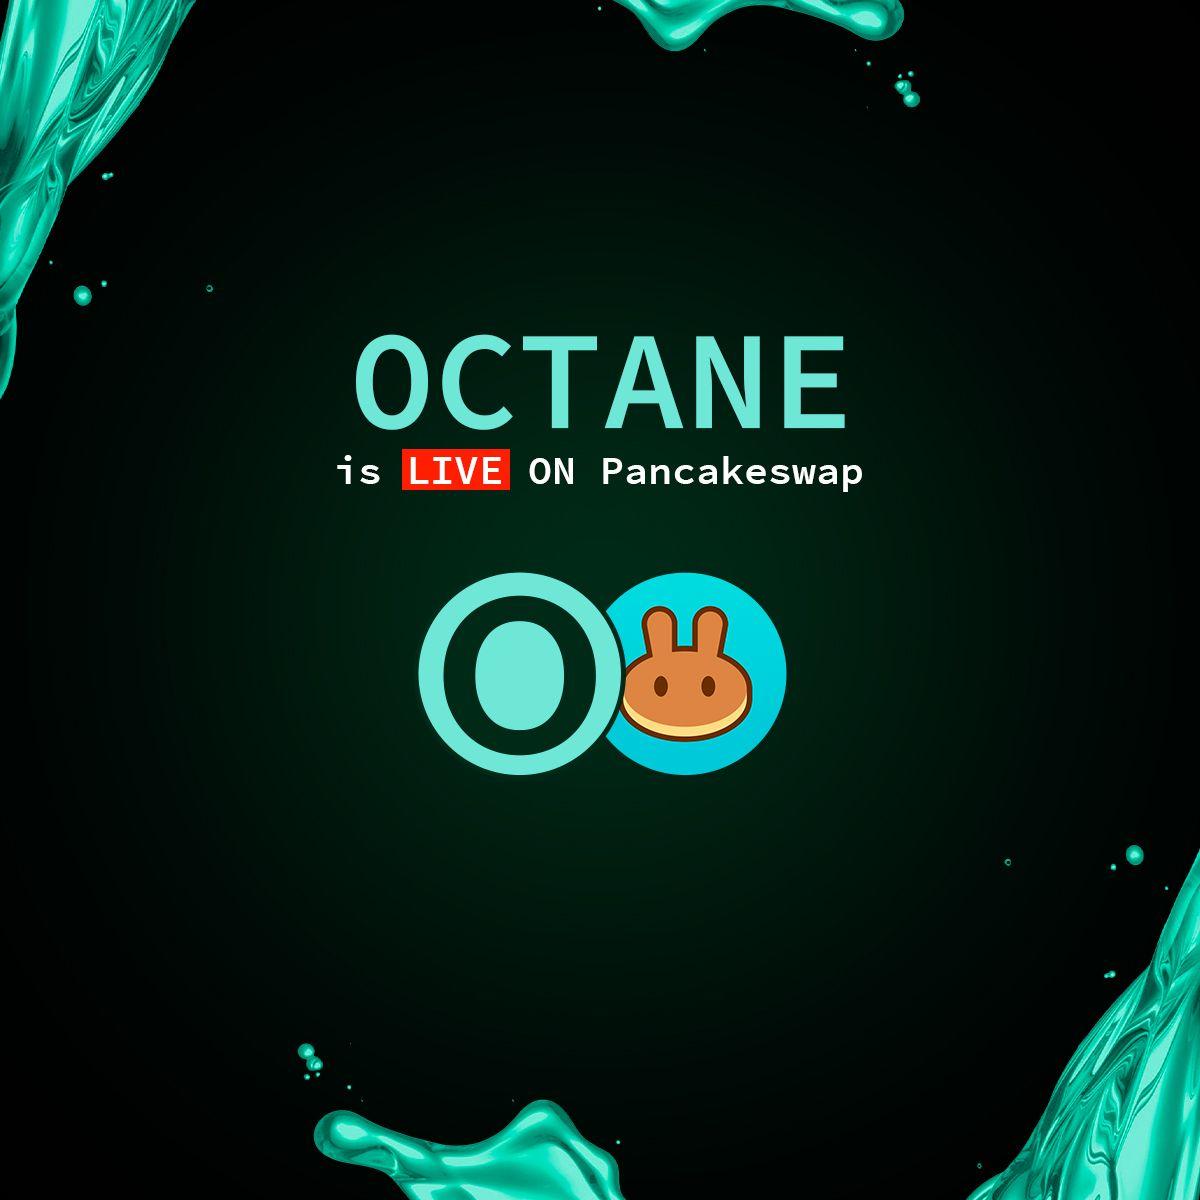 octane.jpg